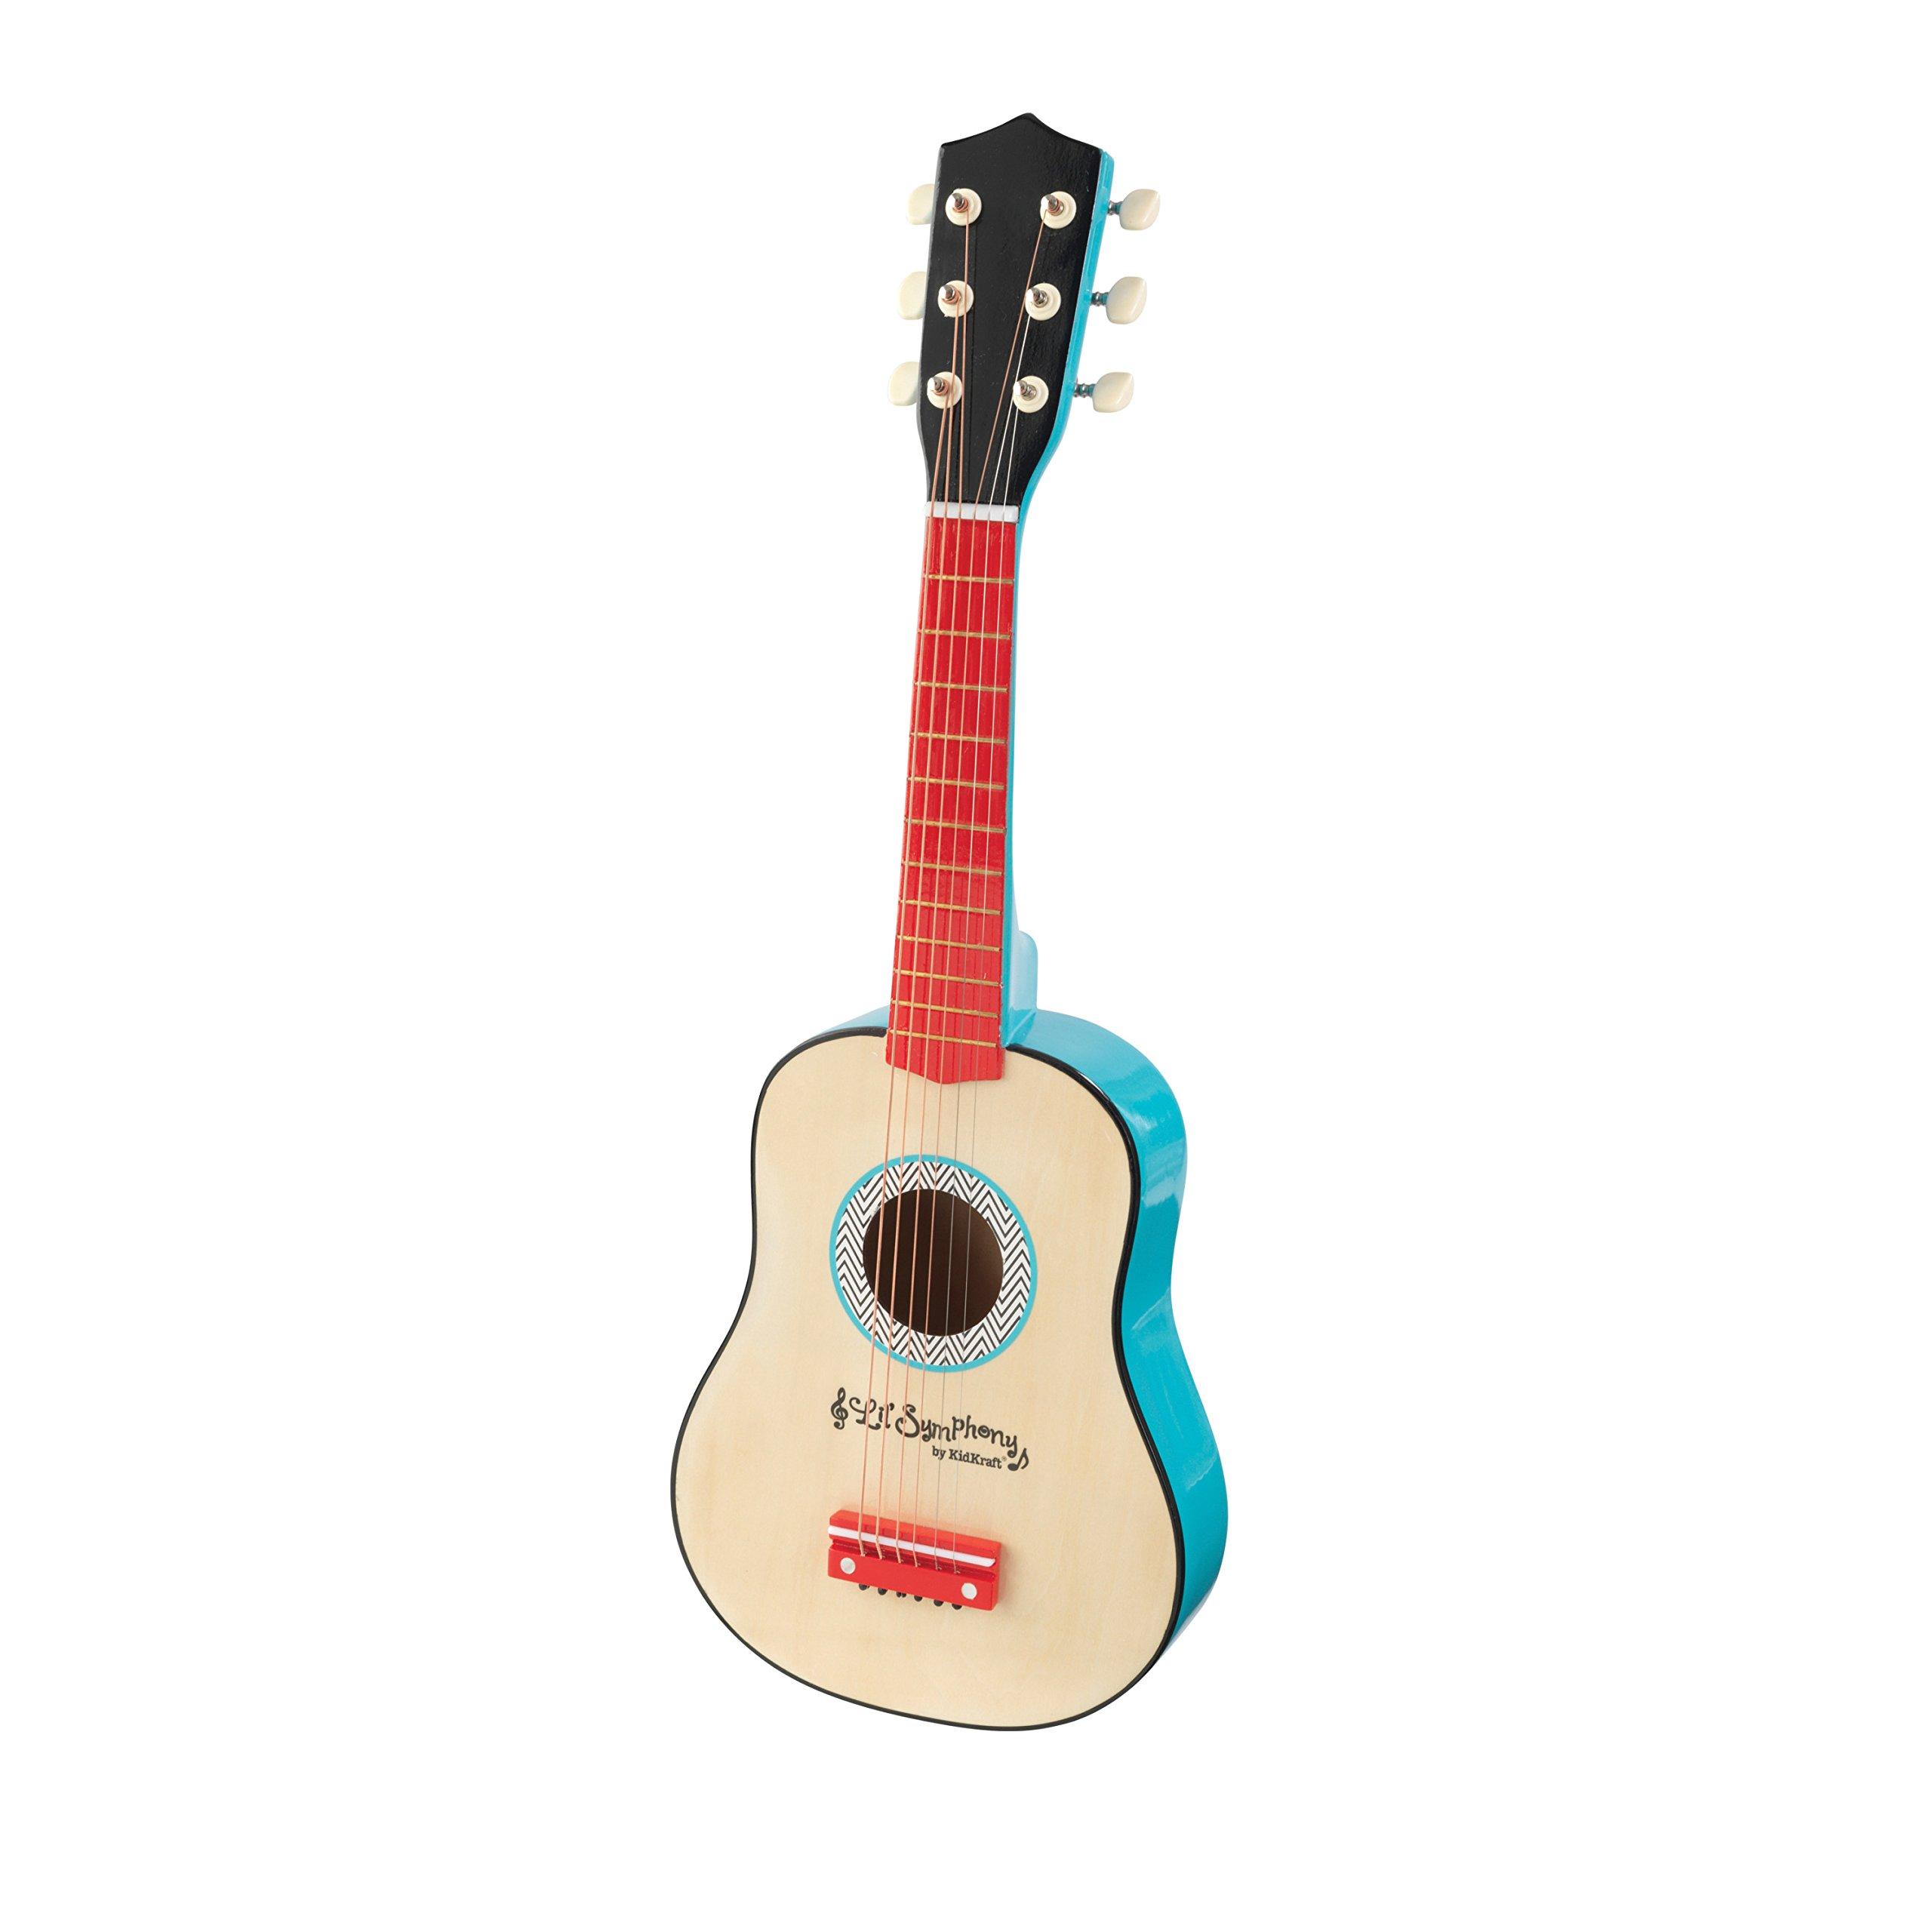 KidKraft Lil' Symphony Guitar by KidKraft